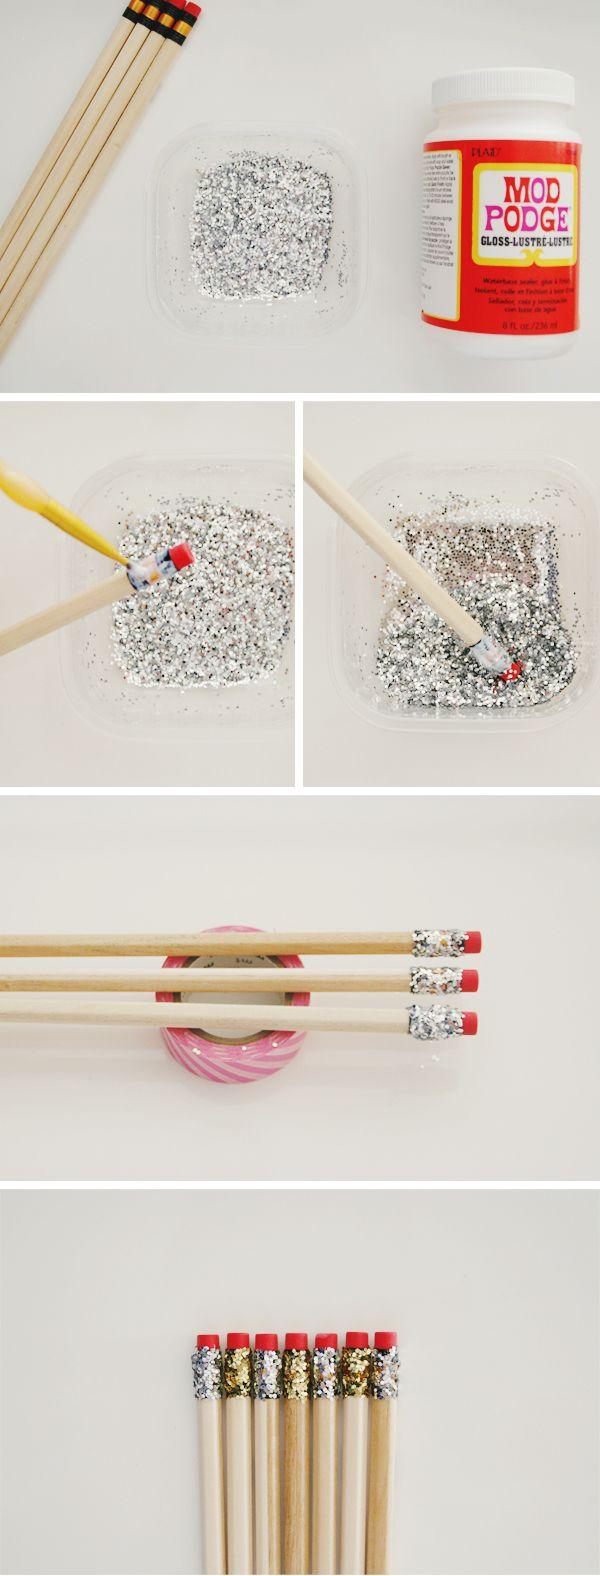 Pour des crayons qui en mettent plein les yeux, vous devez enduire le bout du crayon, sans toucher la gomme, de colle en pot. Trempez la colle dans un petit récipient rempli de paillettes. Laissez sécher et voilà !